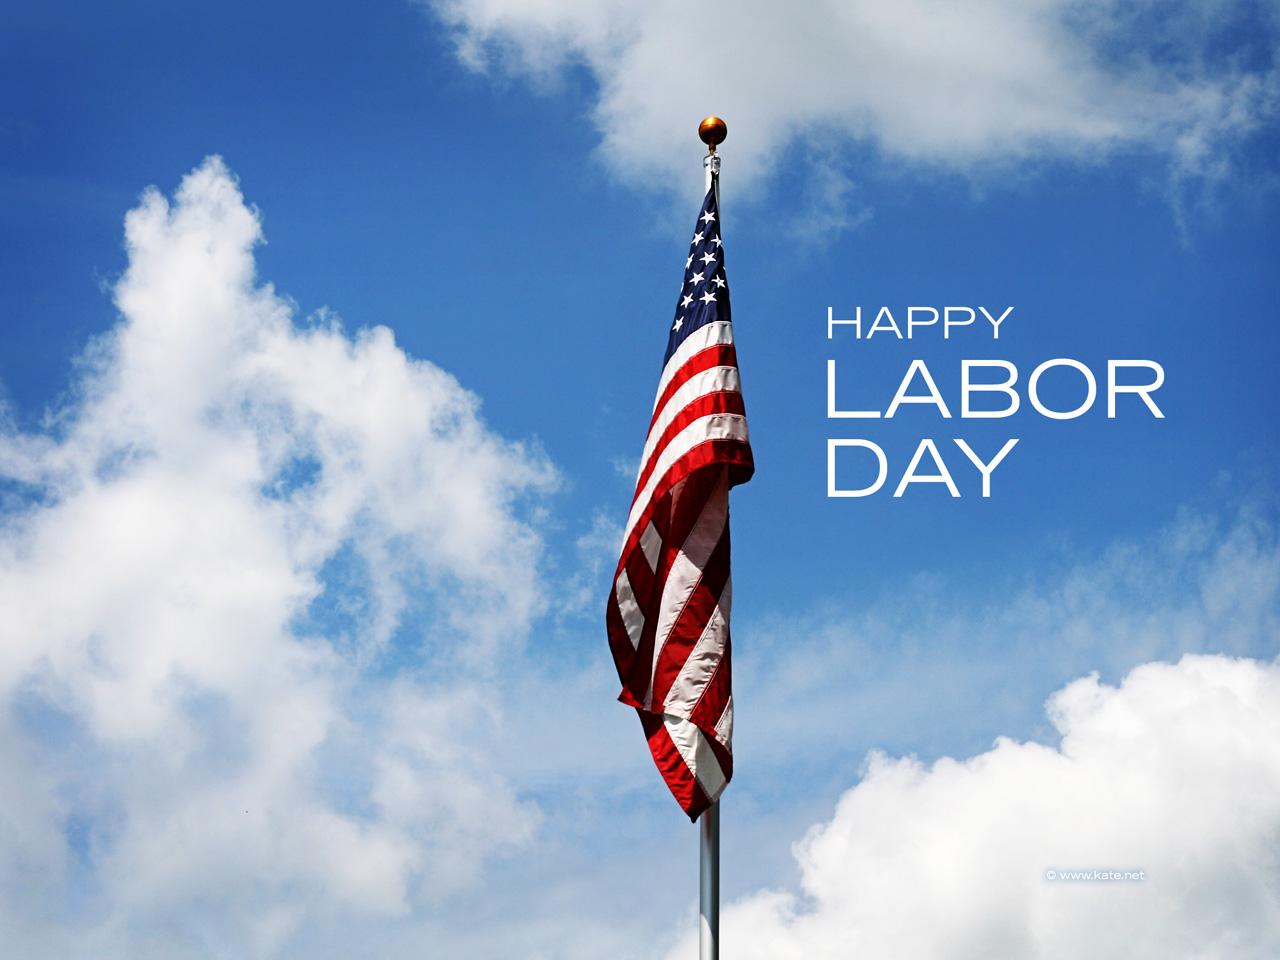 Labor Day Movie Wallpaper